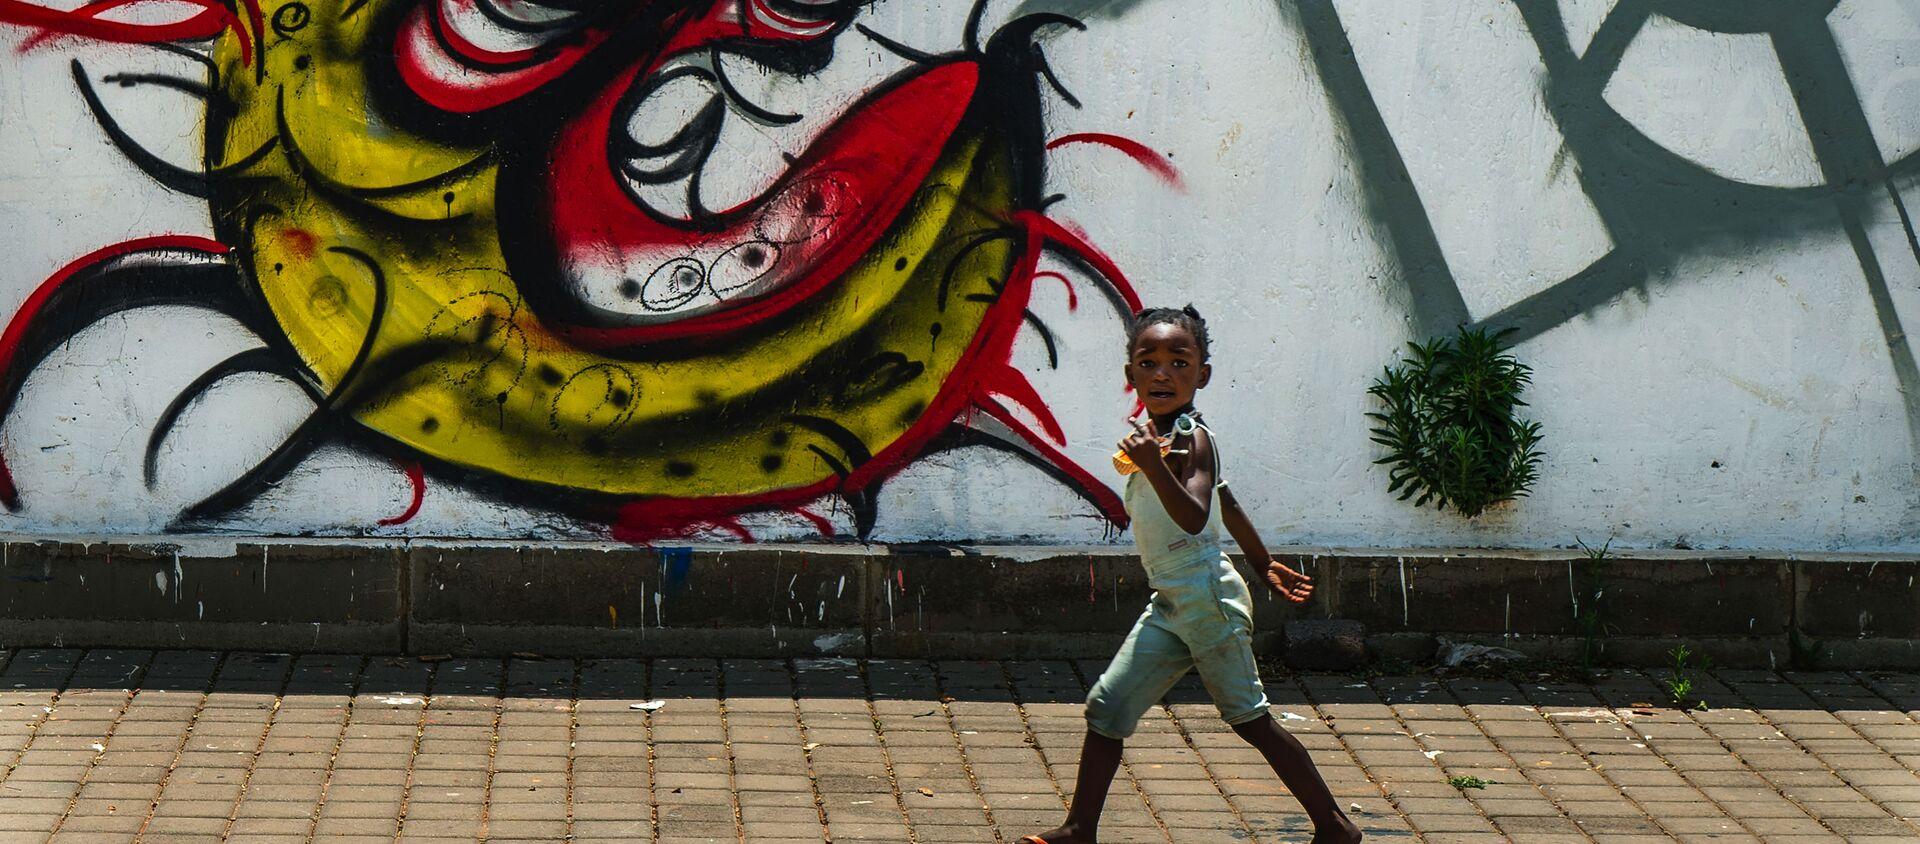 Dziecko z graffiti przedstawiającym COVID-19 w Soweto w RPA - Sputnik Polska, 1920, 10.03.2021